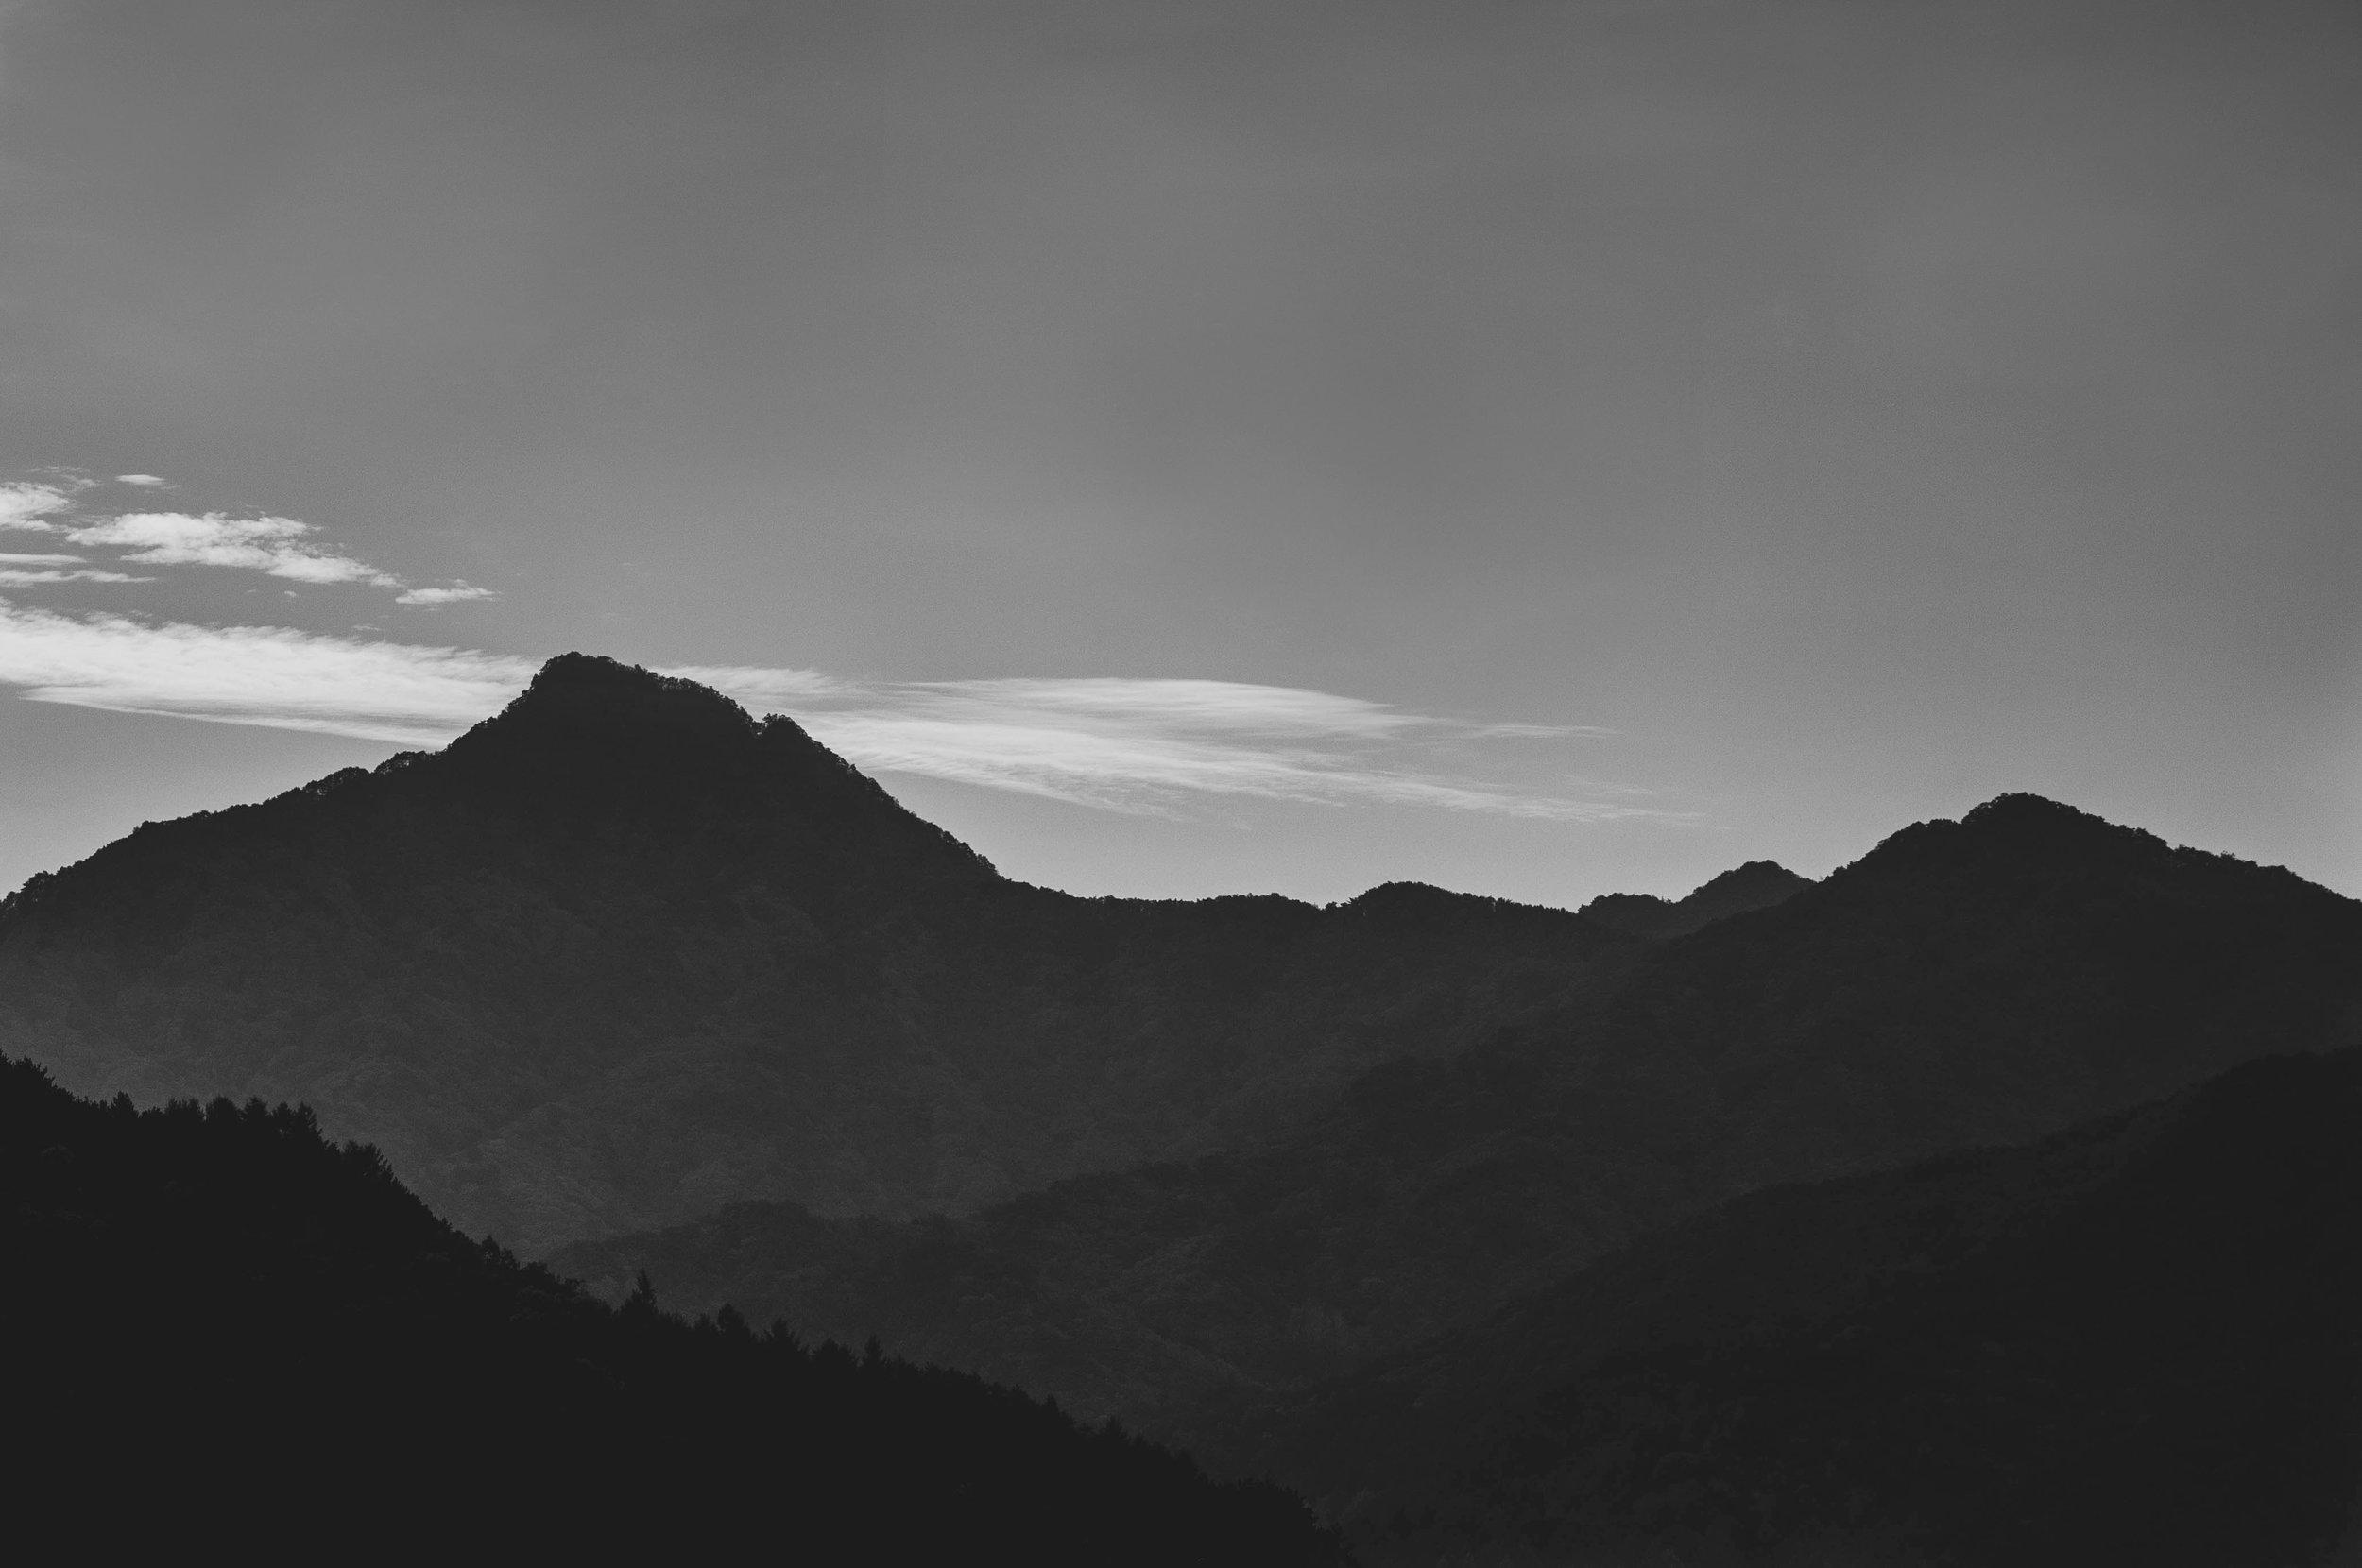 mountains_bw.jpg